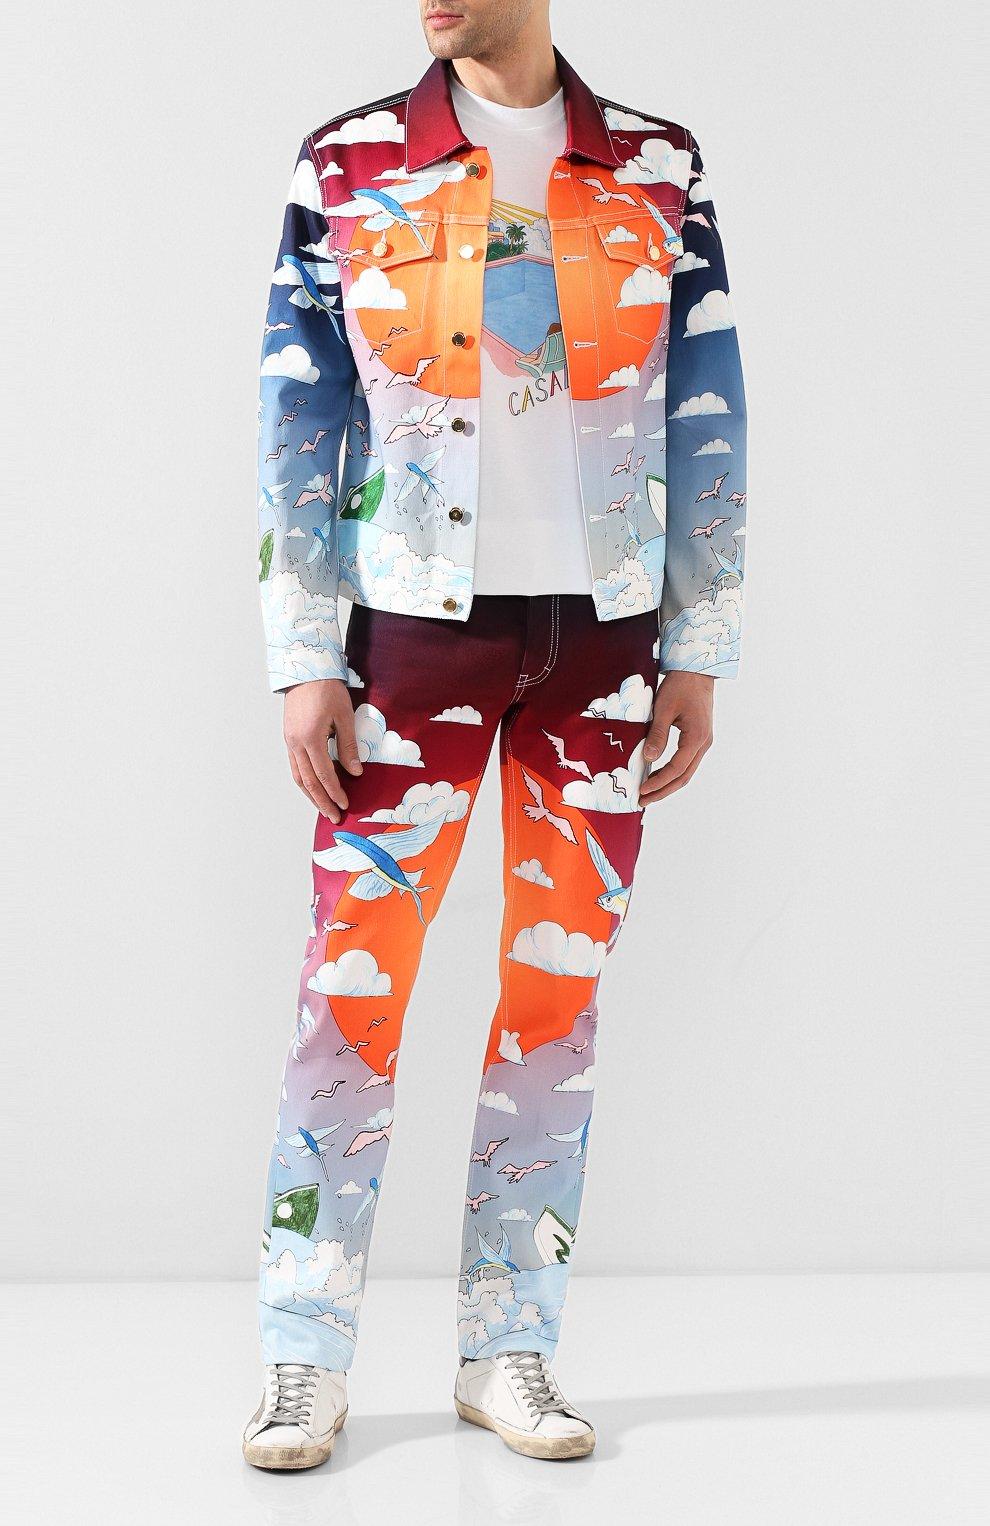 Мужская джинсовая куртка CASABLANCA разноцветного цвета, арт. MS20-JK-003 CASABLANCA SPEED B0AT CLUB JACKET | Фото 2